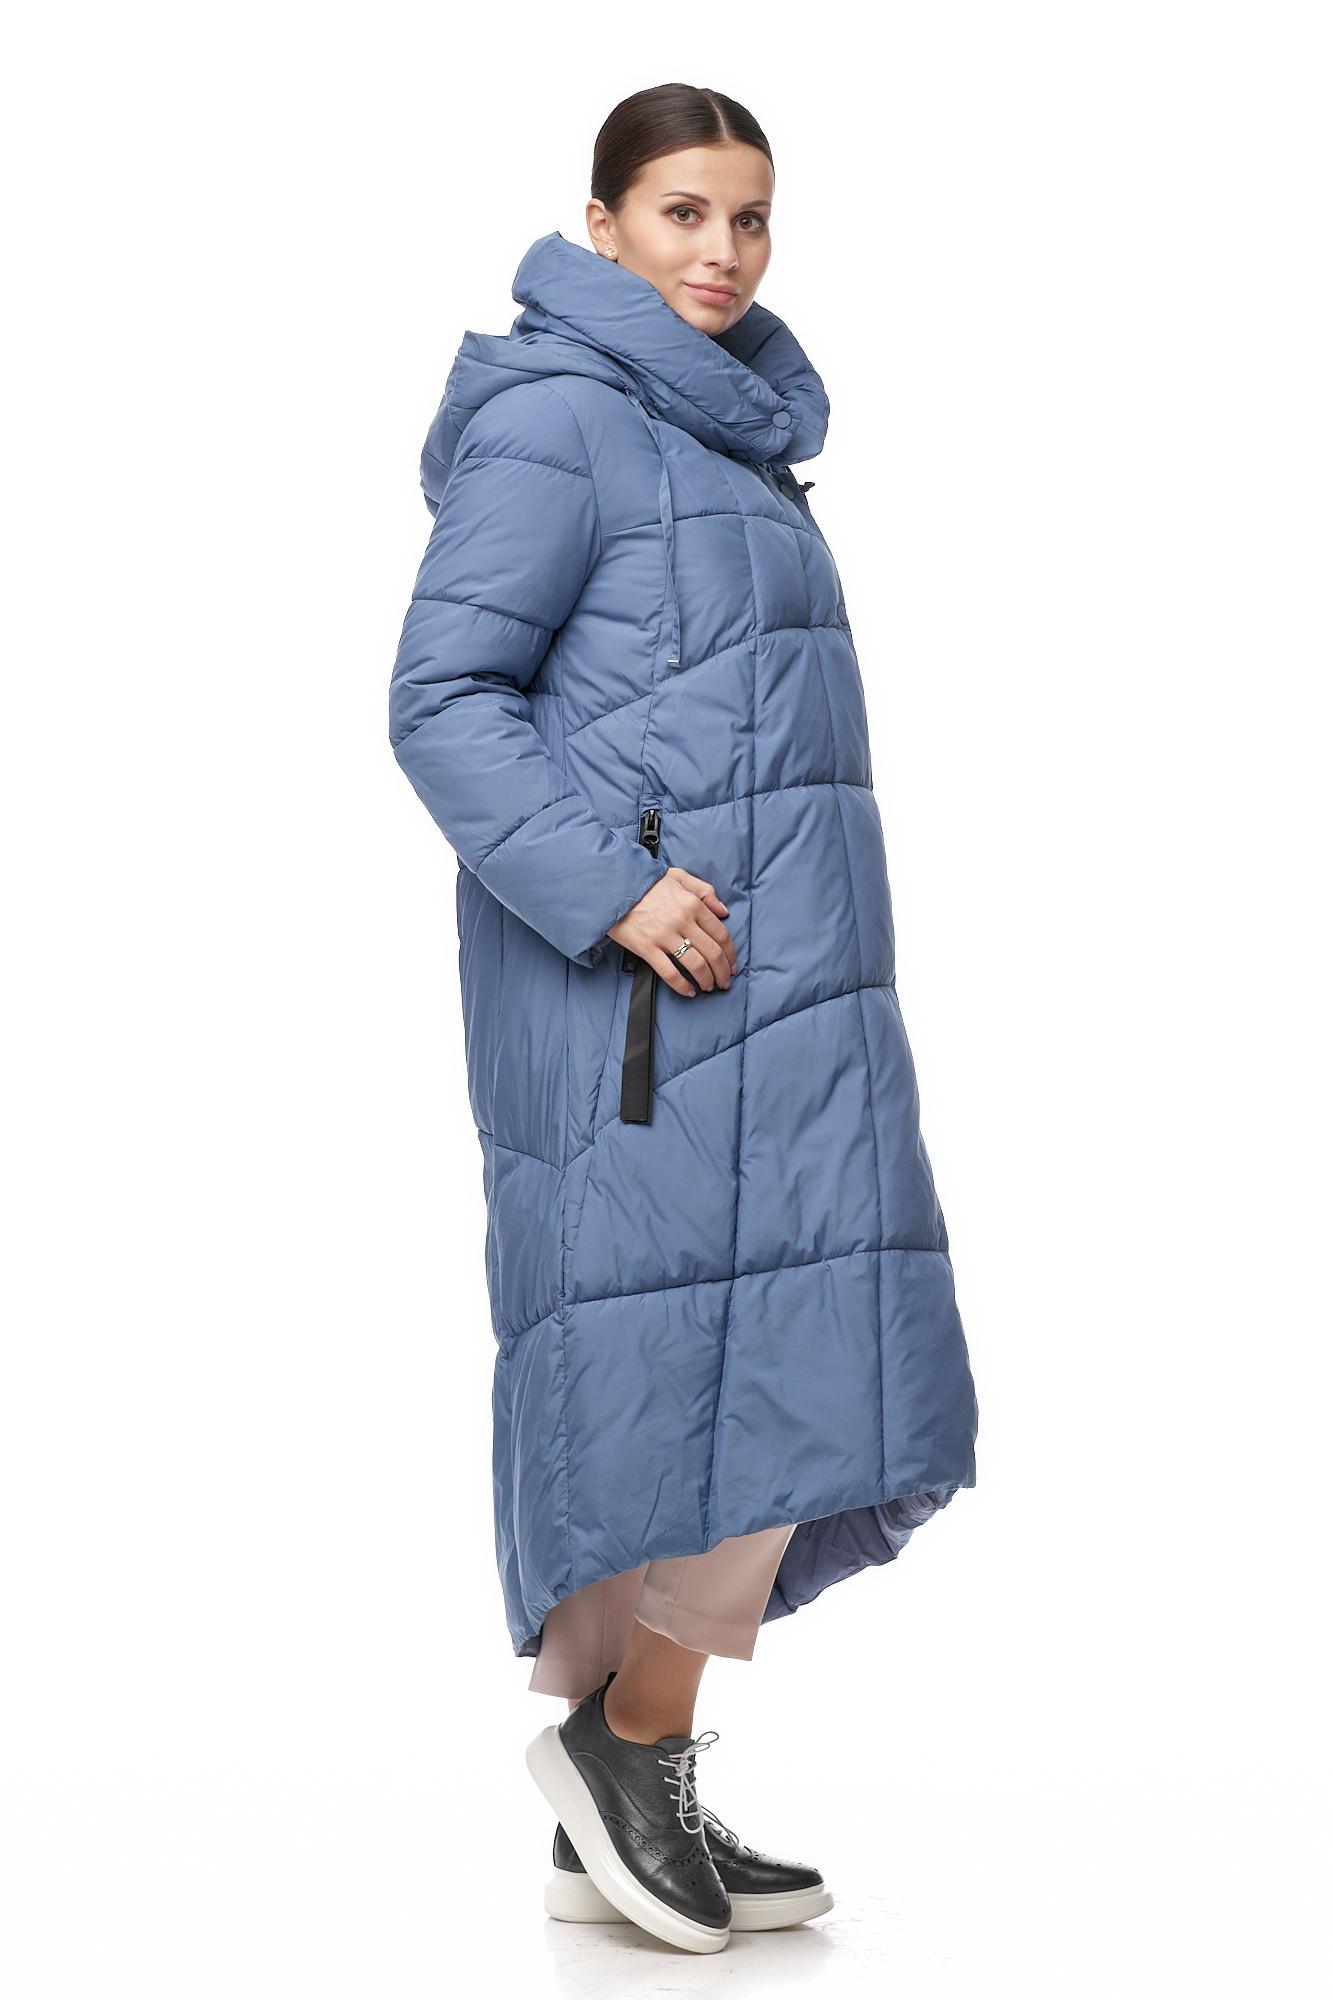 Пуховик женский из текстиля с капюшоном фото 2